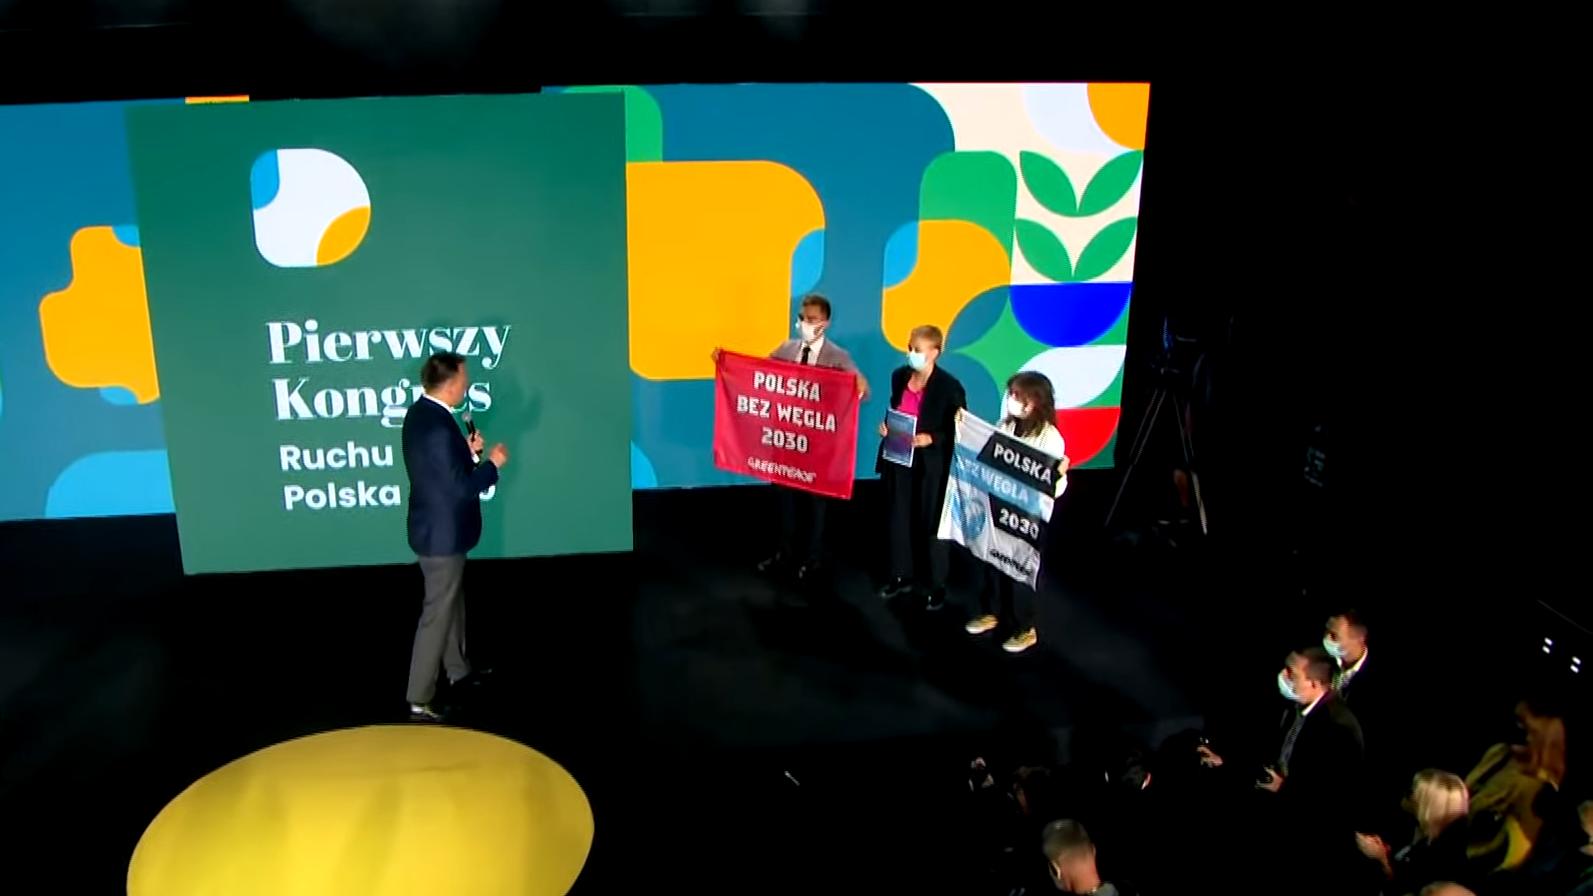 Aktywiści Greenpeace zakłócili przemówienie Szymona Hołowni